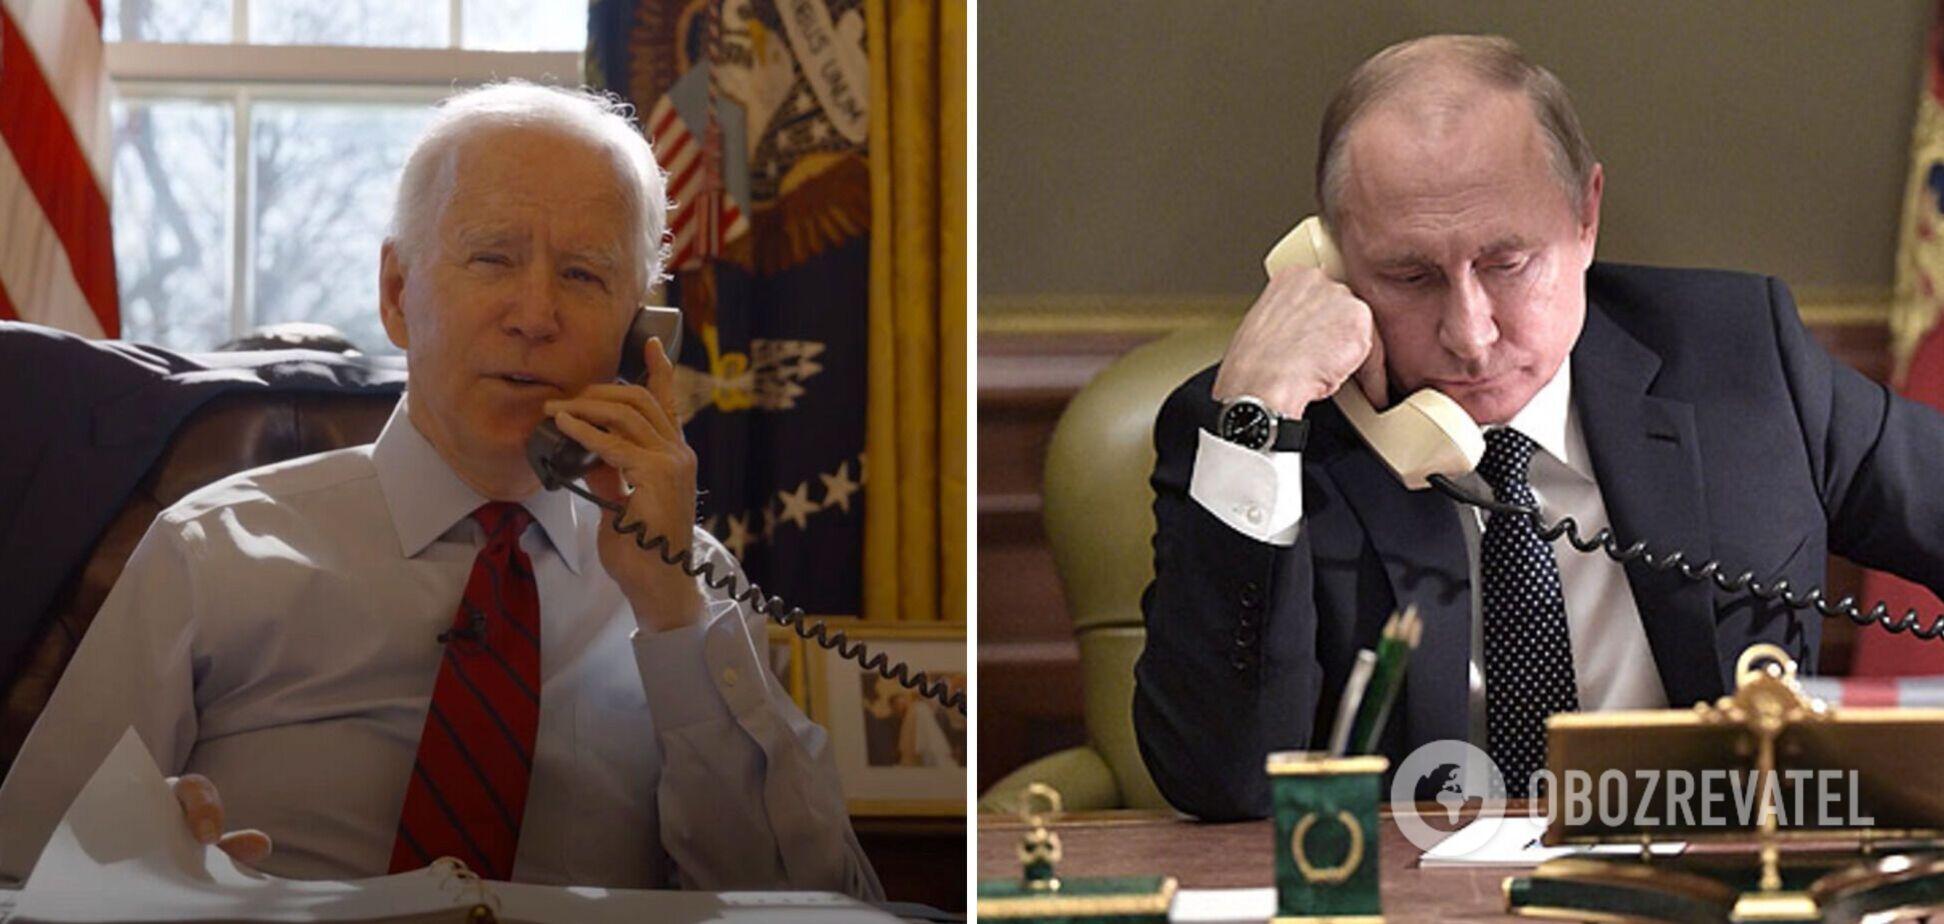 Звонок Байдена Путину: Кремль получил сигнал